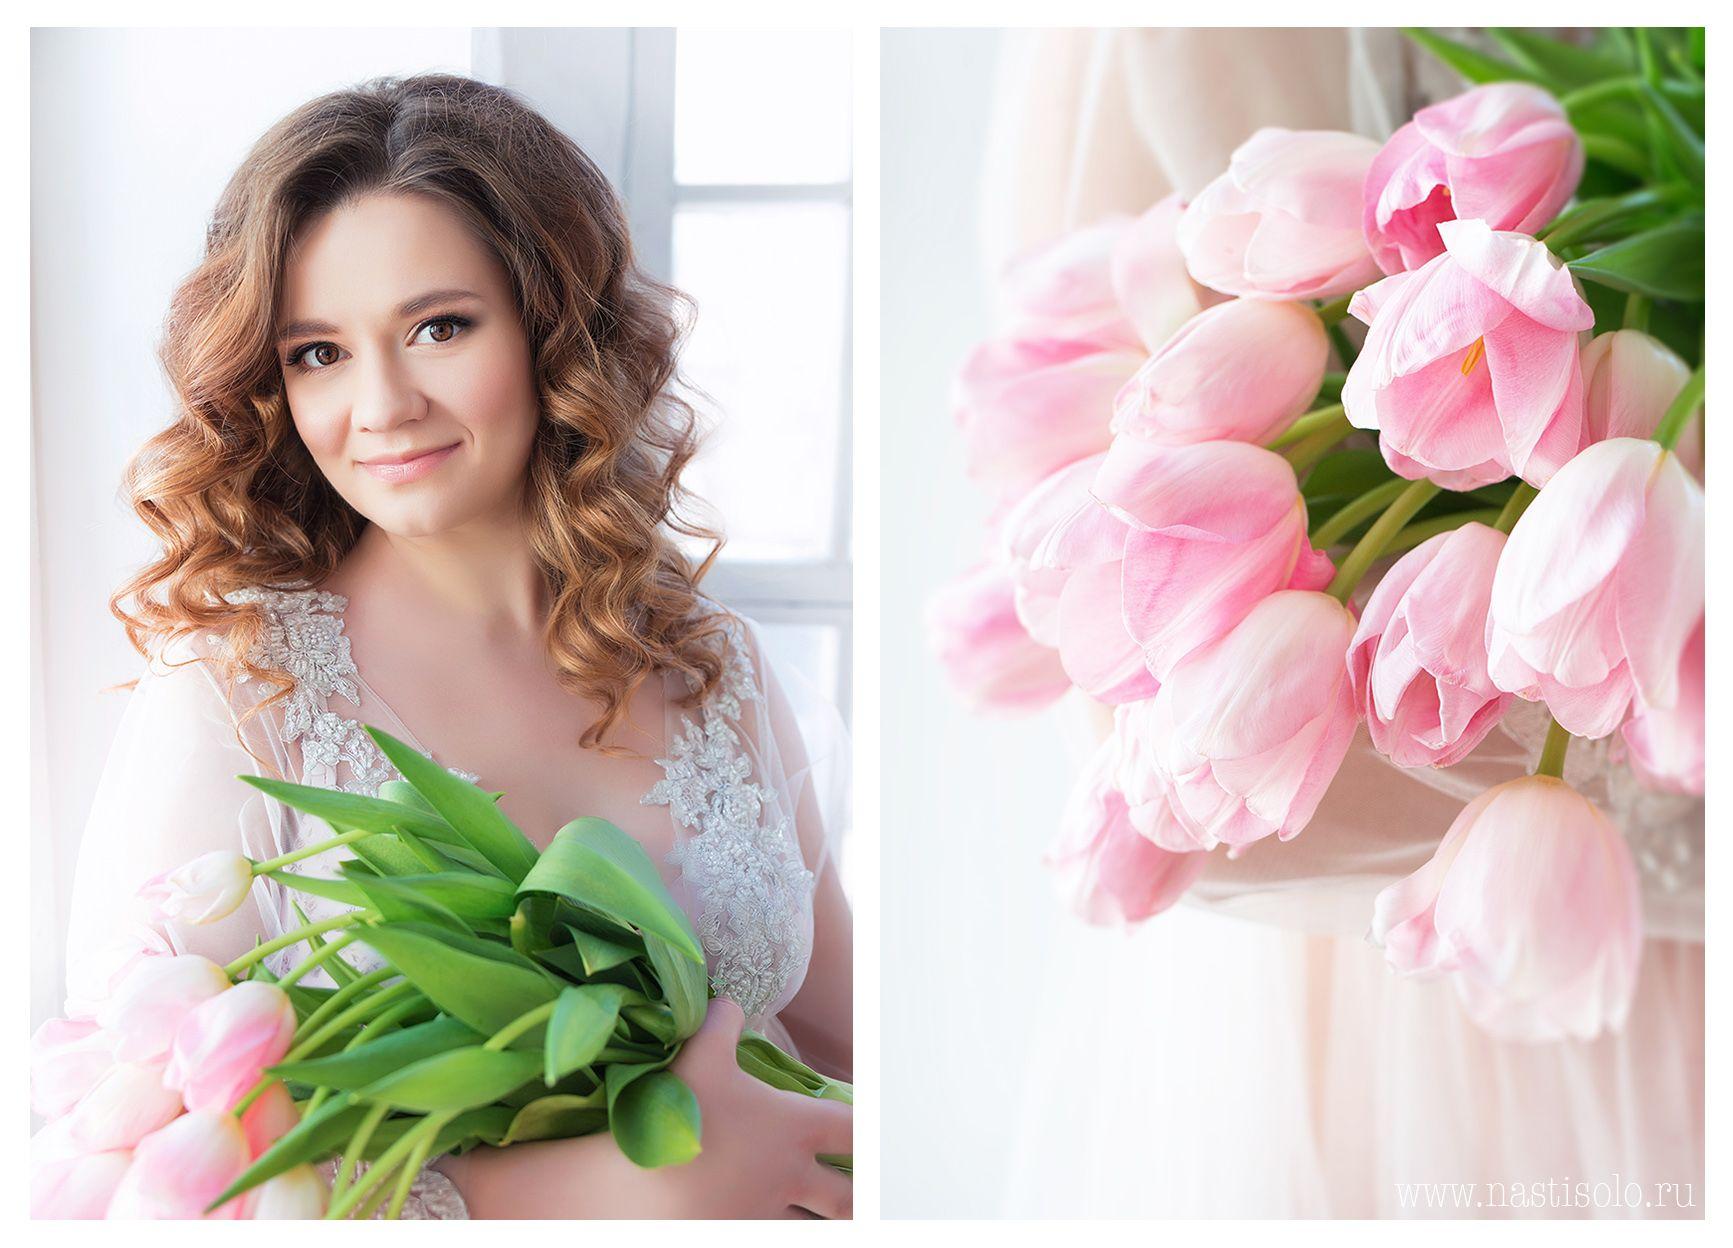 fc10c21a9529 аксессуары для фотосессии беременности - живые цветы  тюльпаны ...